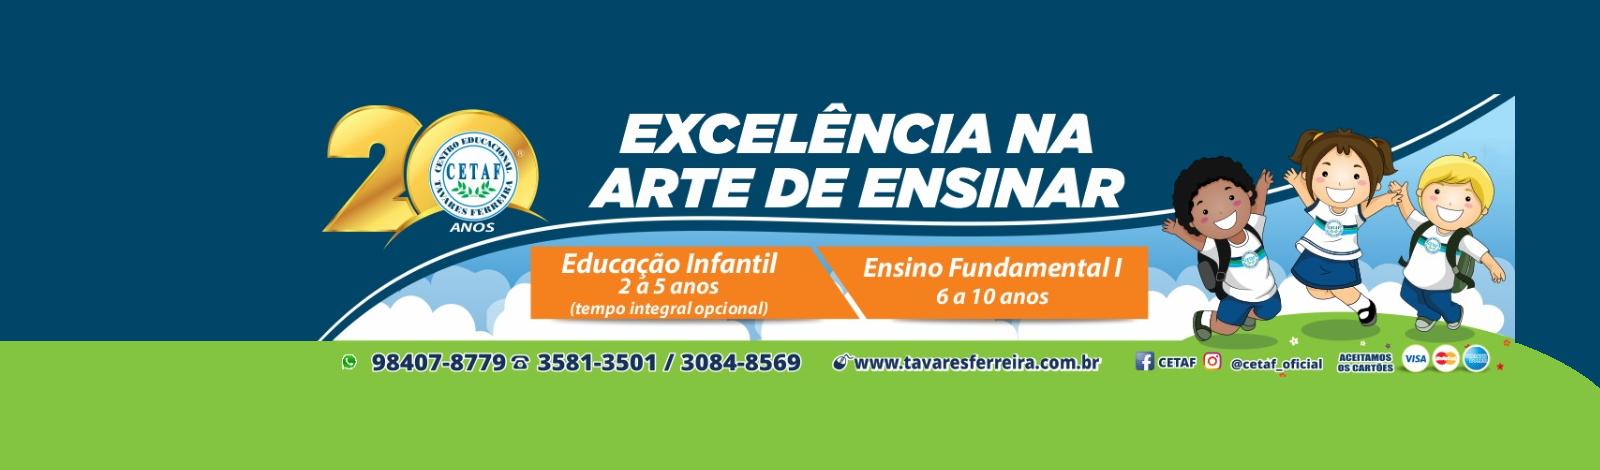 CETAF - Centro Educacional Tavares Ferreira